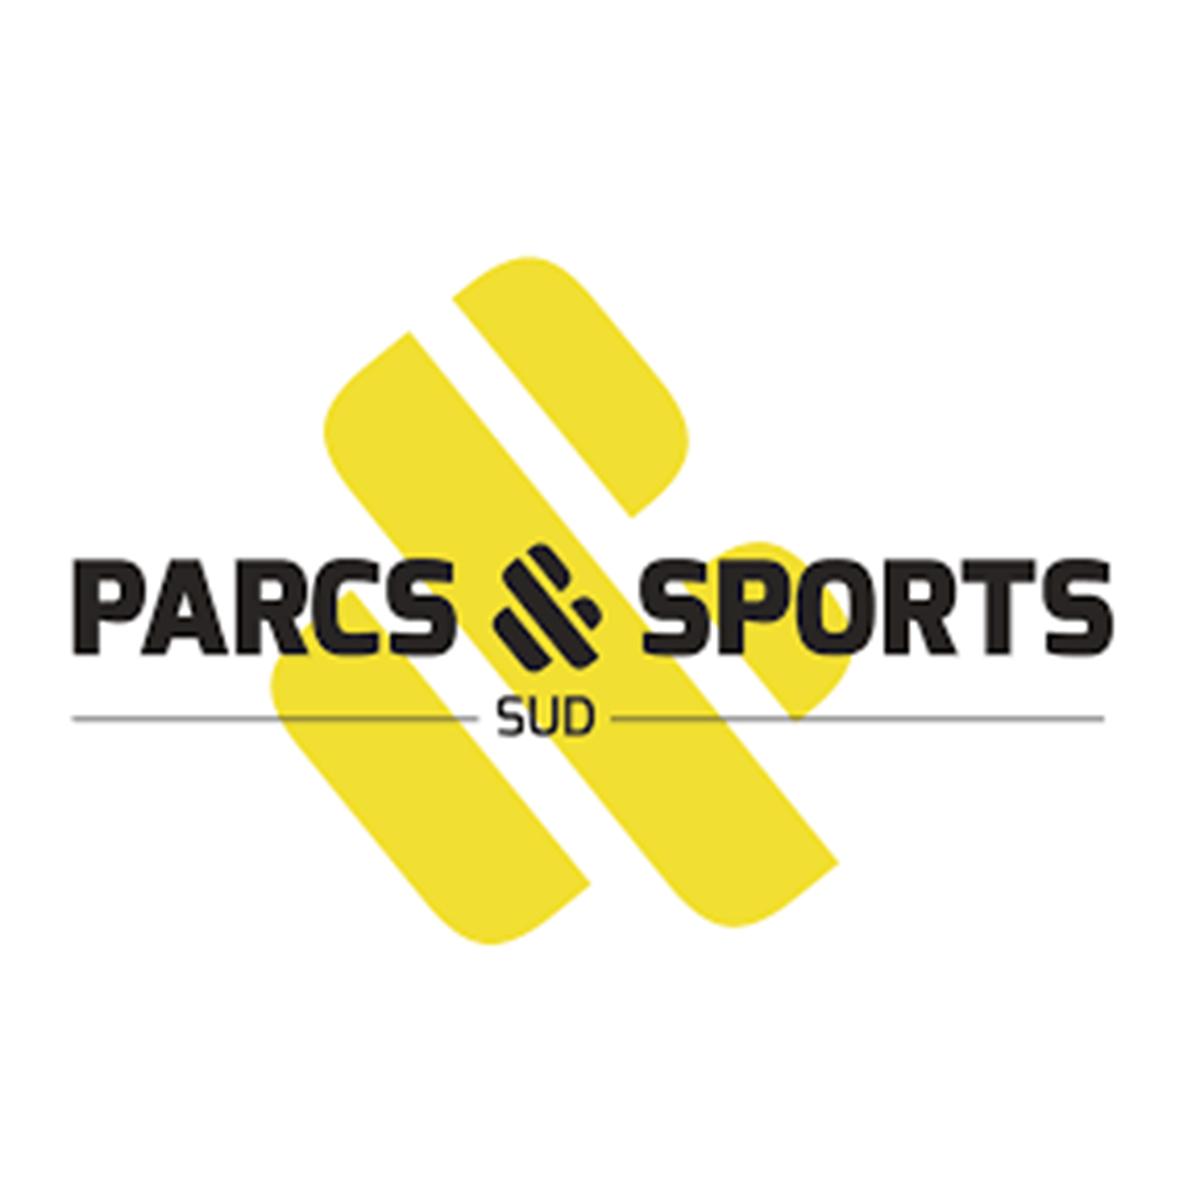 Parcs et Sports